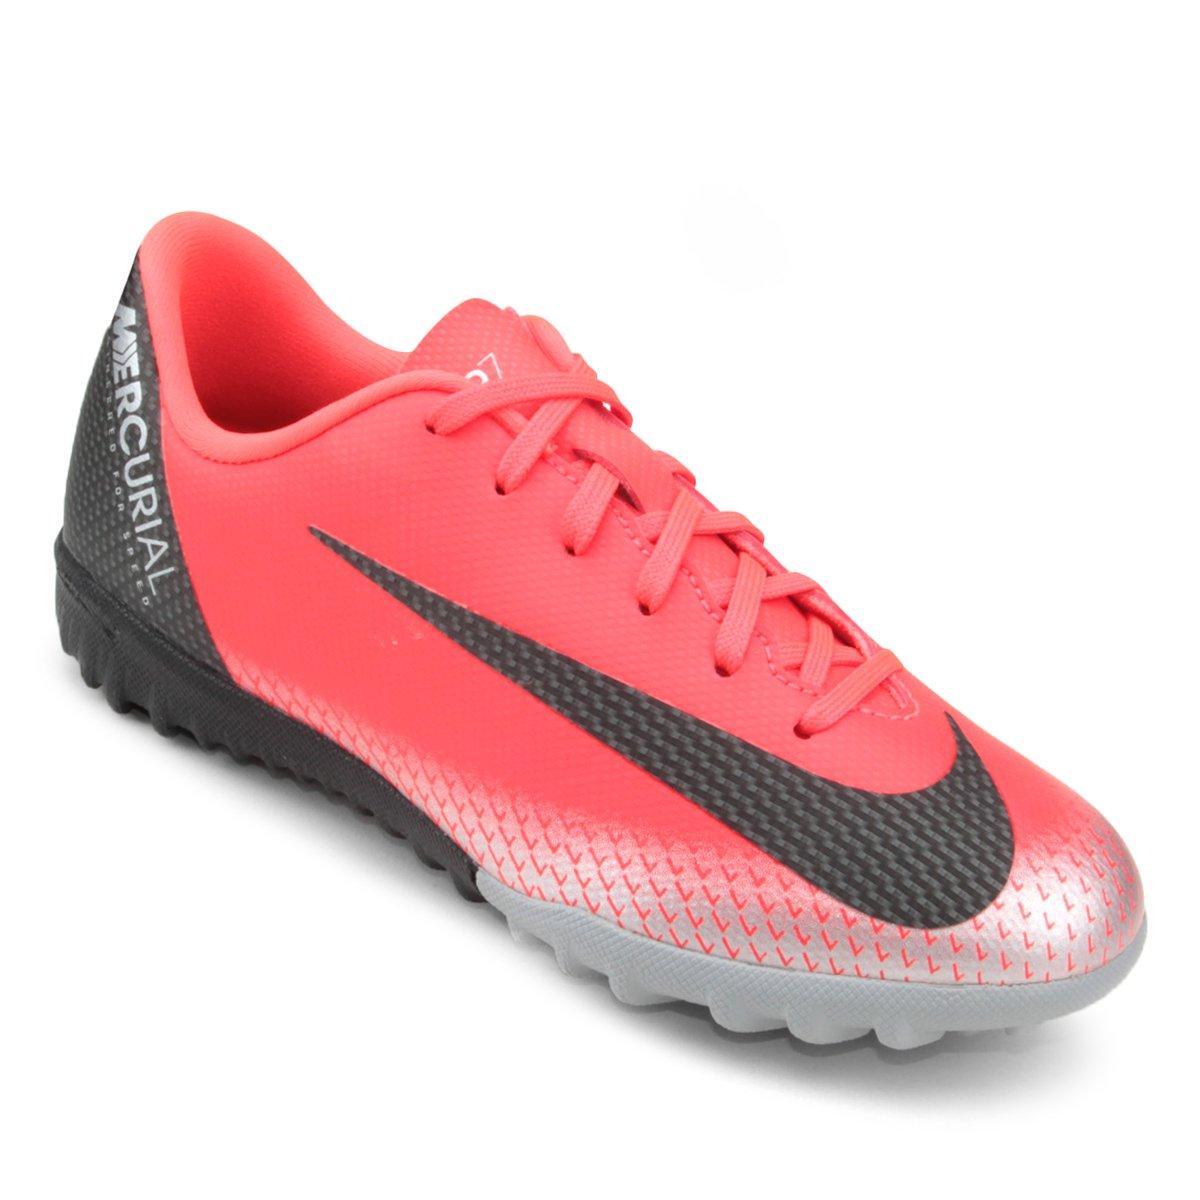 17ea2d9cced39 Chuteira Society Infantil Nike Mercurial Vapor 12 Academy GS CR7 TF -  Vermelho e Preto - Compre Agora